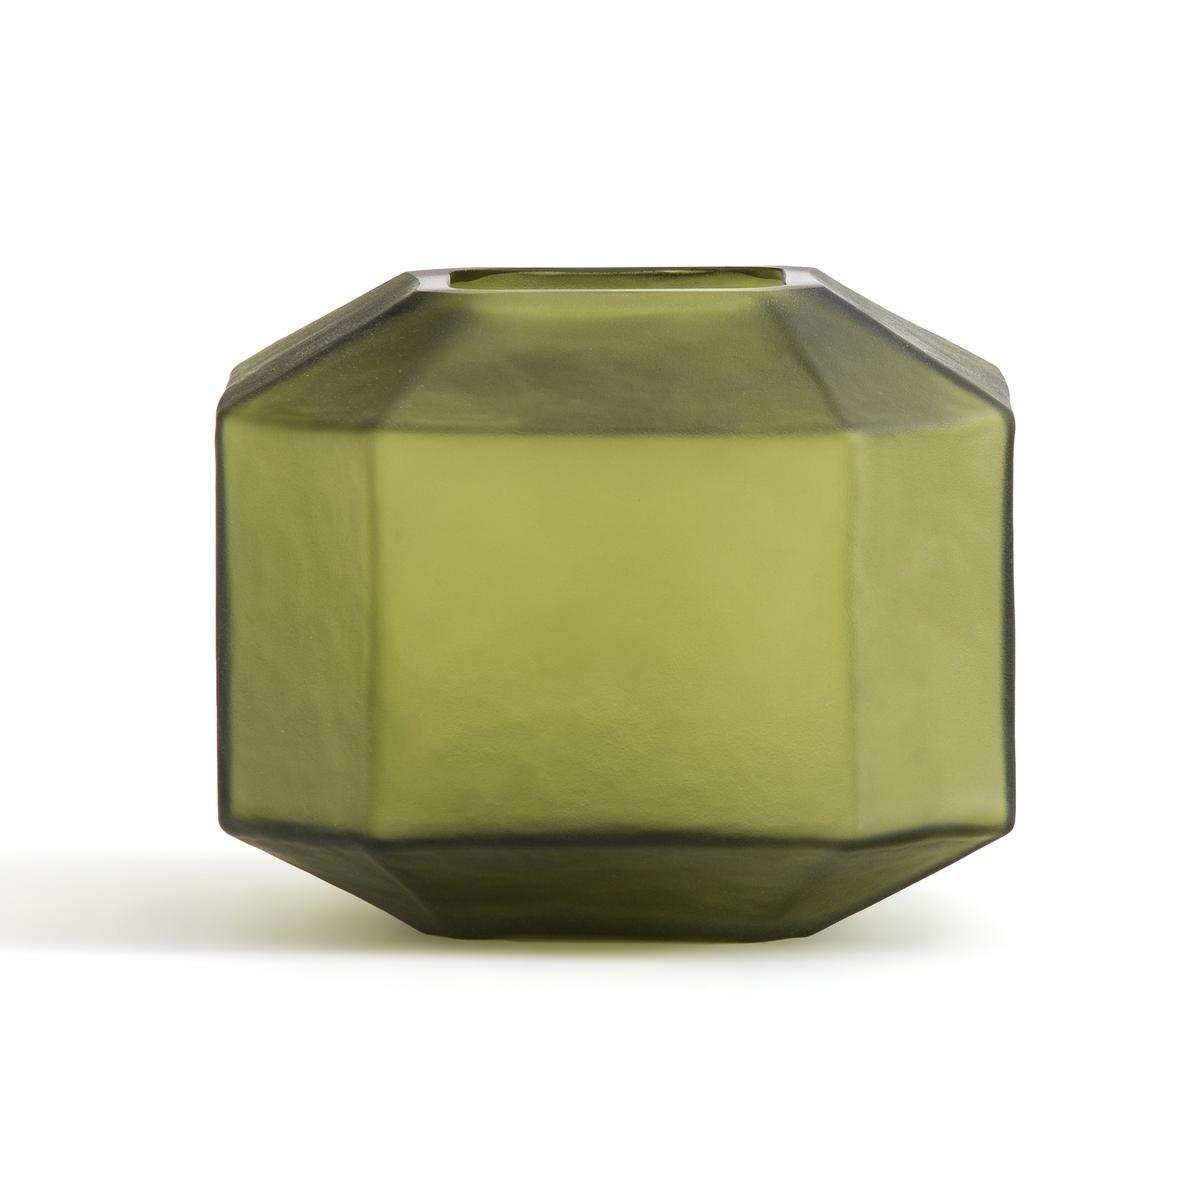 Ваза La Redoute Из покрытого инеем стекла В см Wele единый размер зеленый